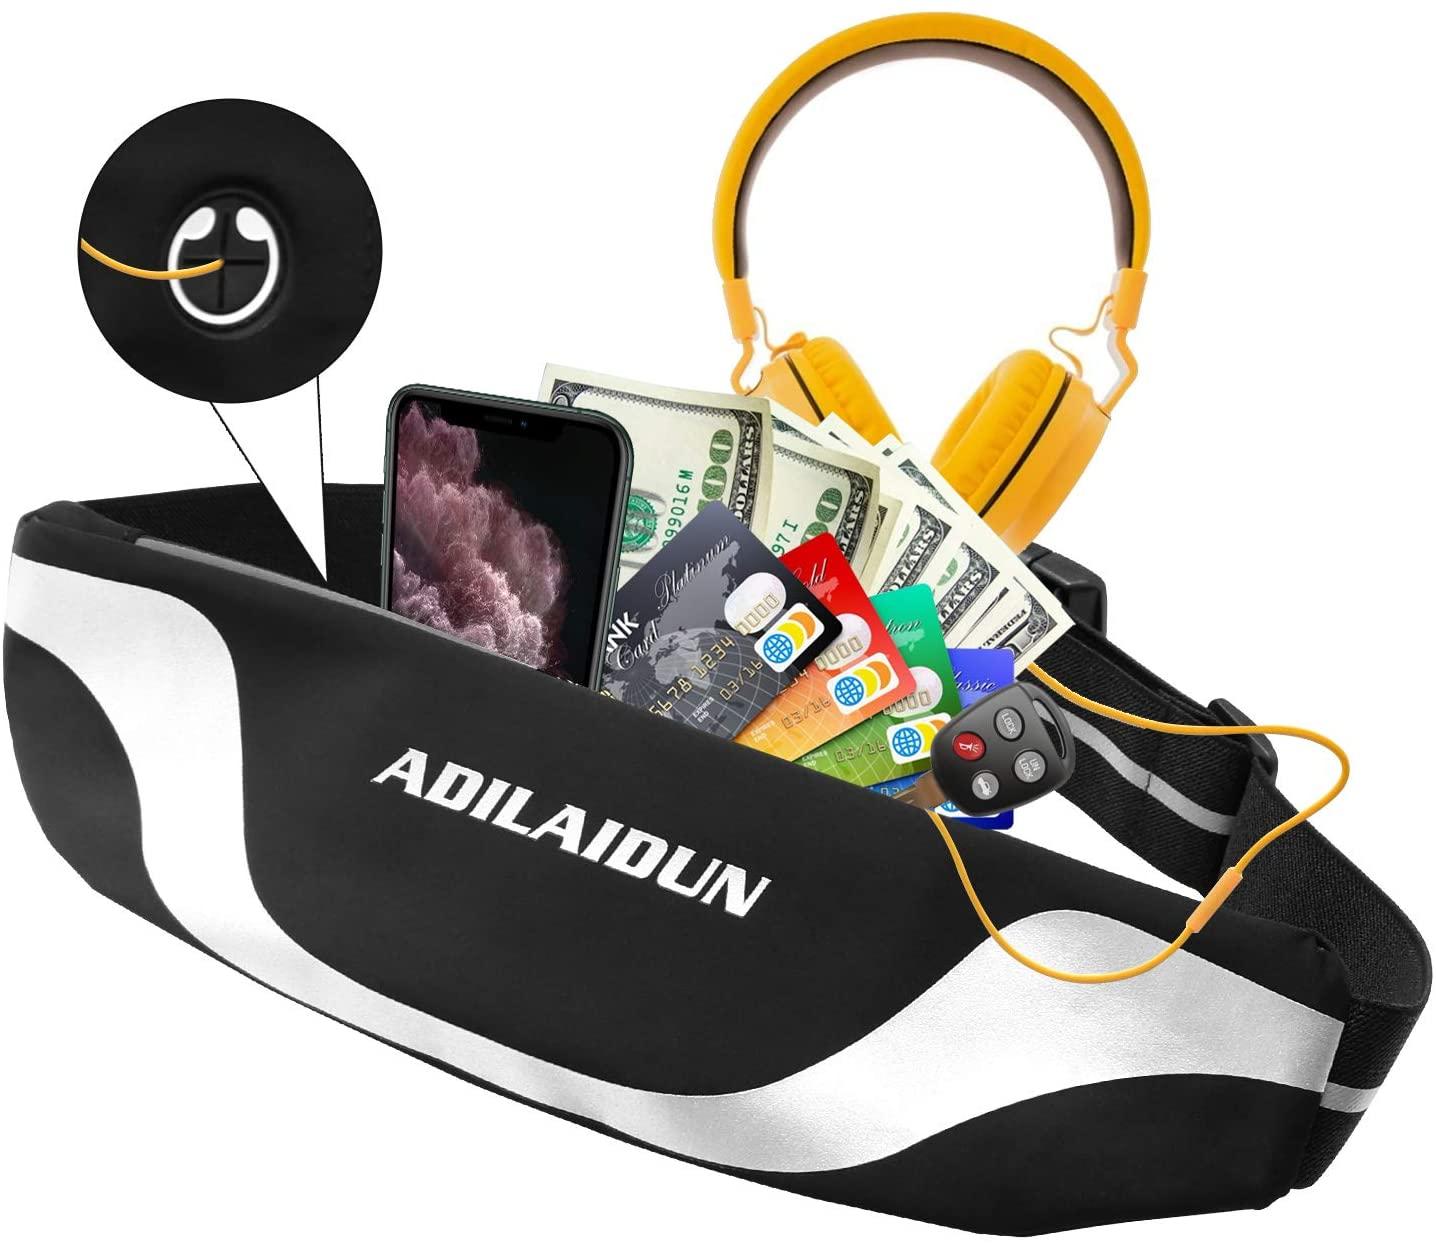 Tsuinz Running Belt, Adjustable Waist Pouch Belt with Reflective Stripes, Waterproof Running Waist Pack for iPhone 11 Pro Max/Xs/XS/XR/8, Galaxy S20 Ultra/10+,Ultra Light Runners Belt for Men Women